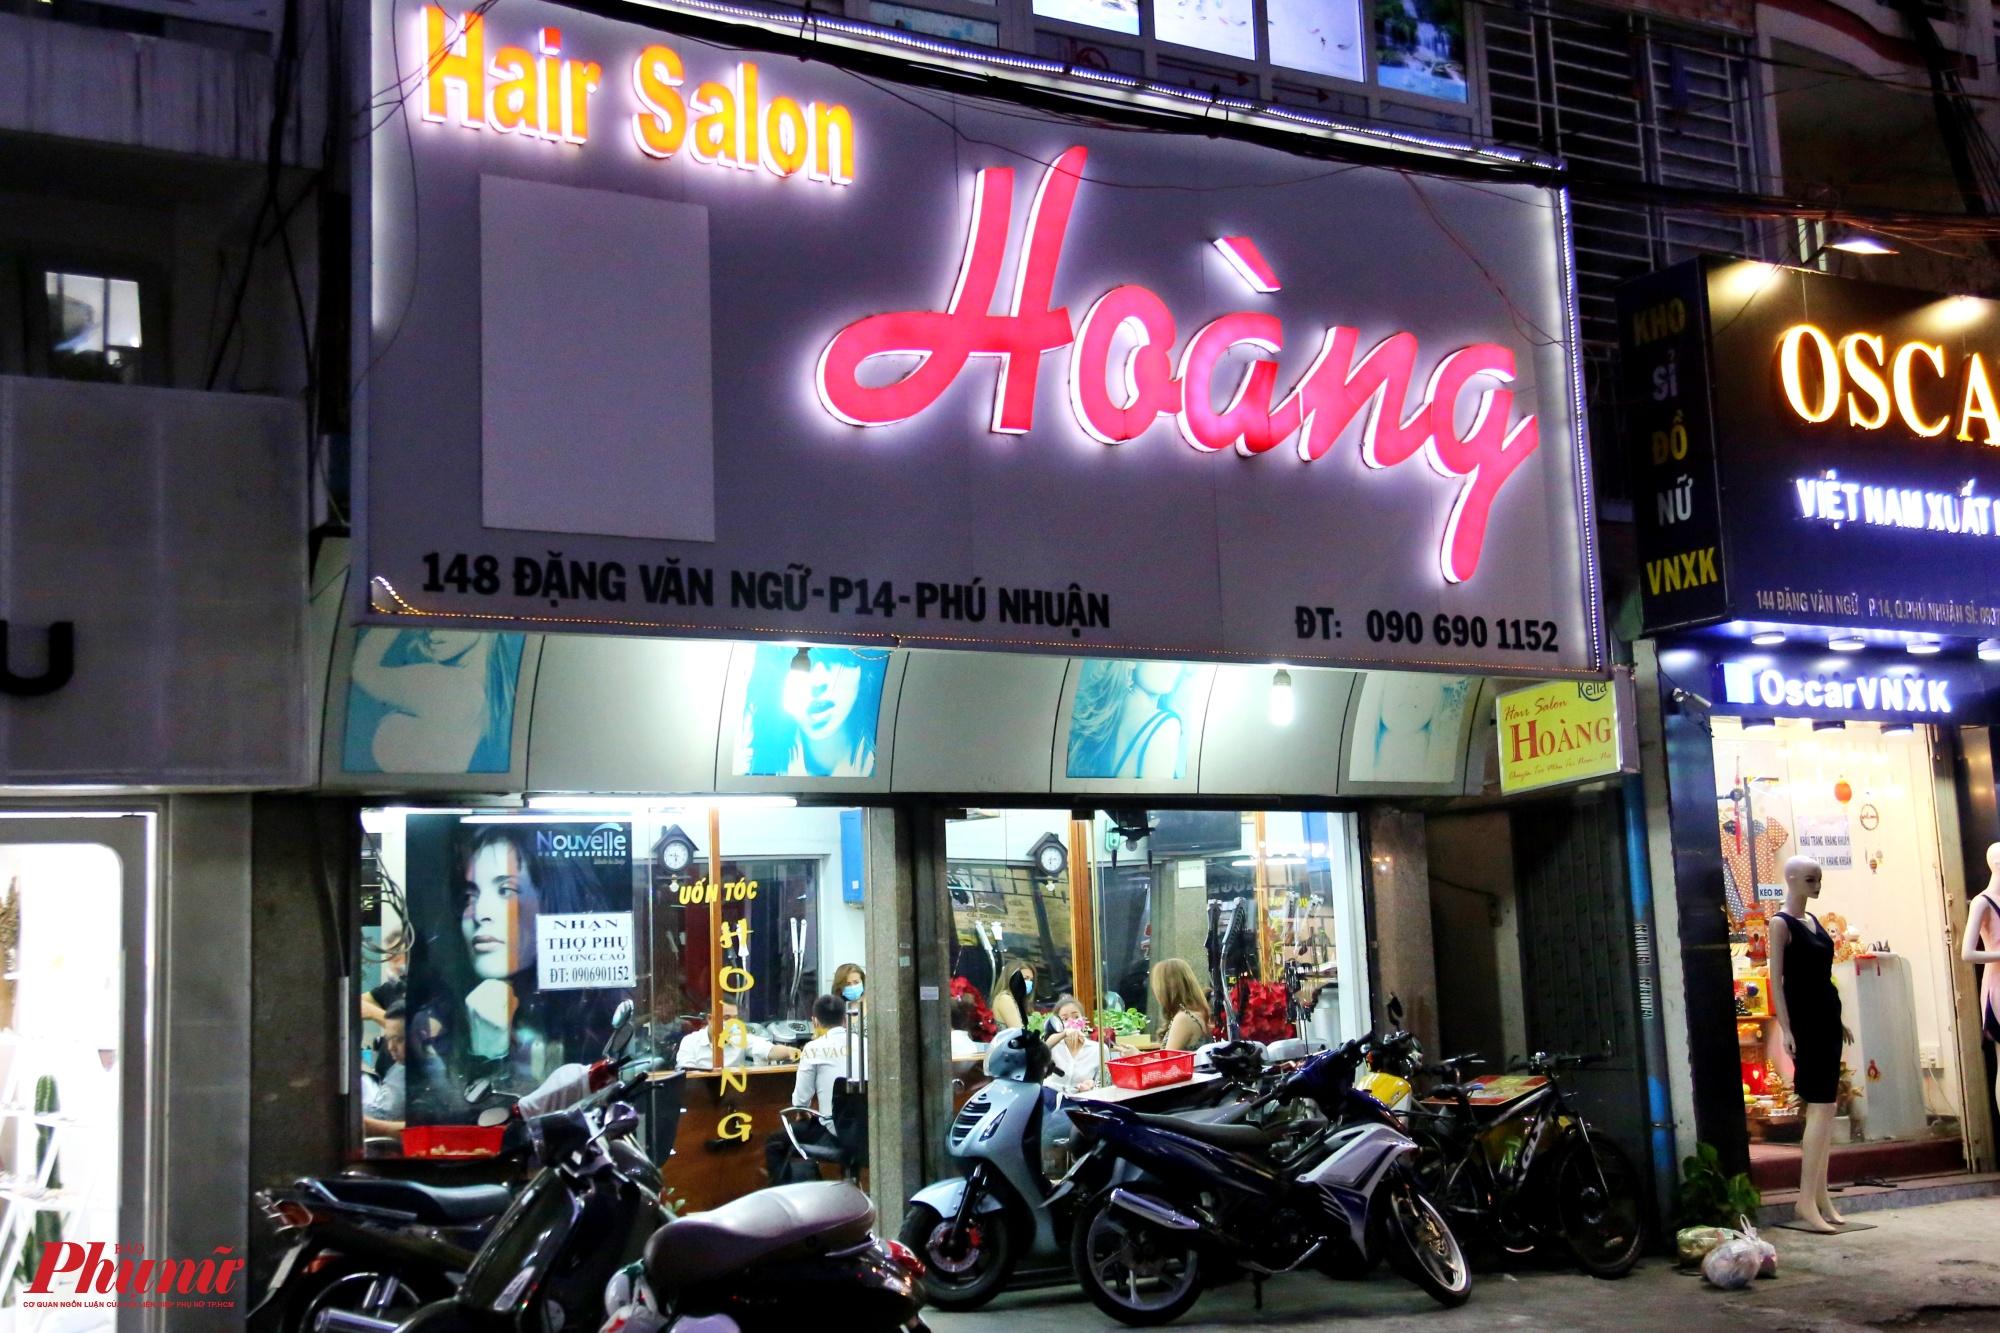 Trong khi đó, một tiệm hớt tóc trên đường Đặng Văn Ngữ, phường 14, quận Phú Nhuận có rất đông xe dựng phía trước, bên trong các nhân viên hớt tóc vẫn cắt tóc cho khách, ảnh chụp lúc 18 giờ 20.